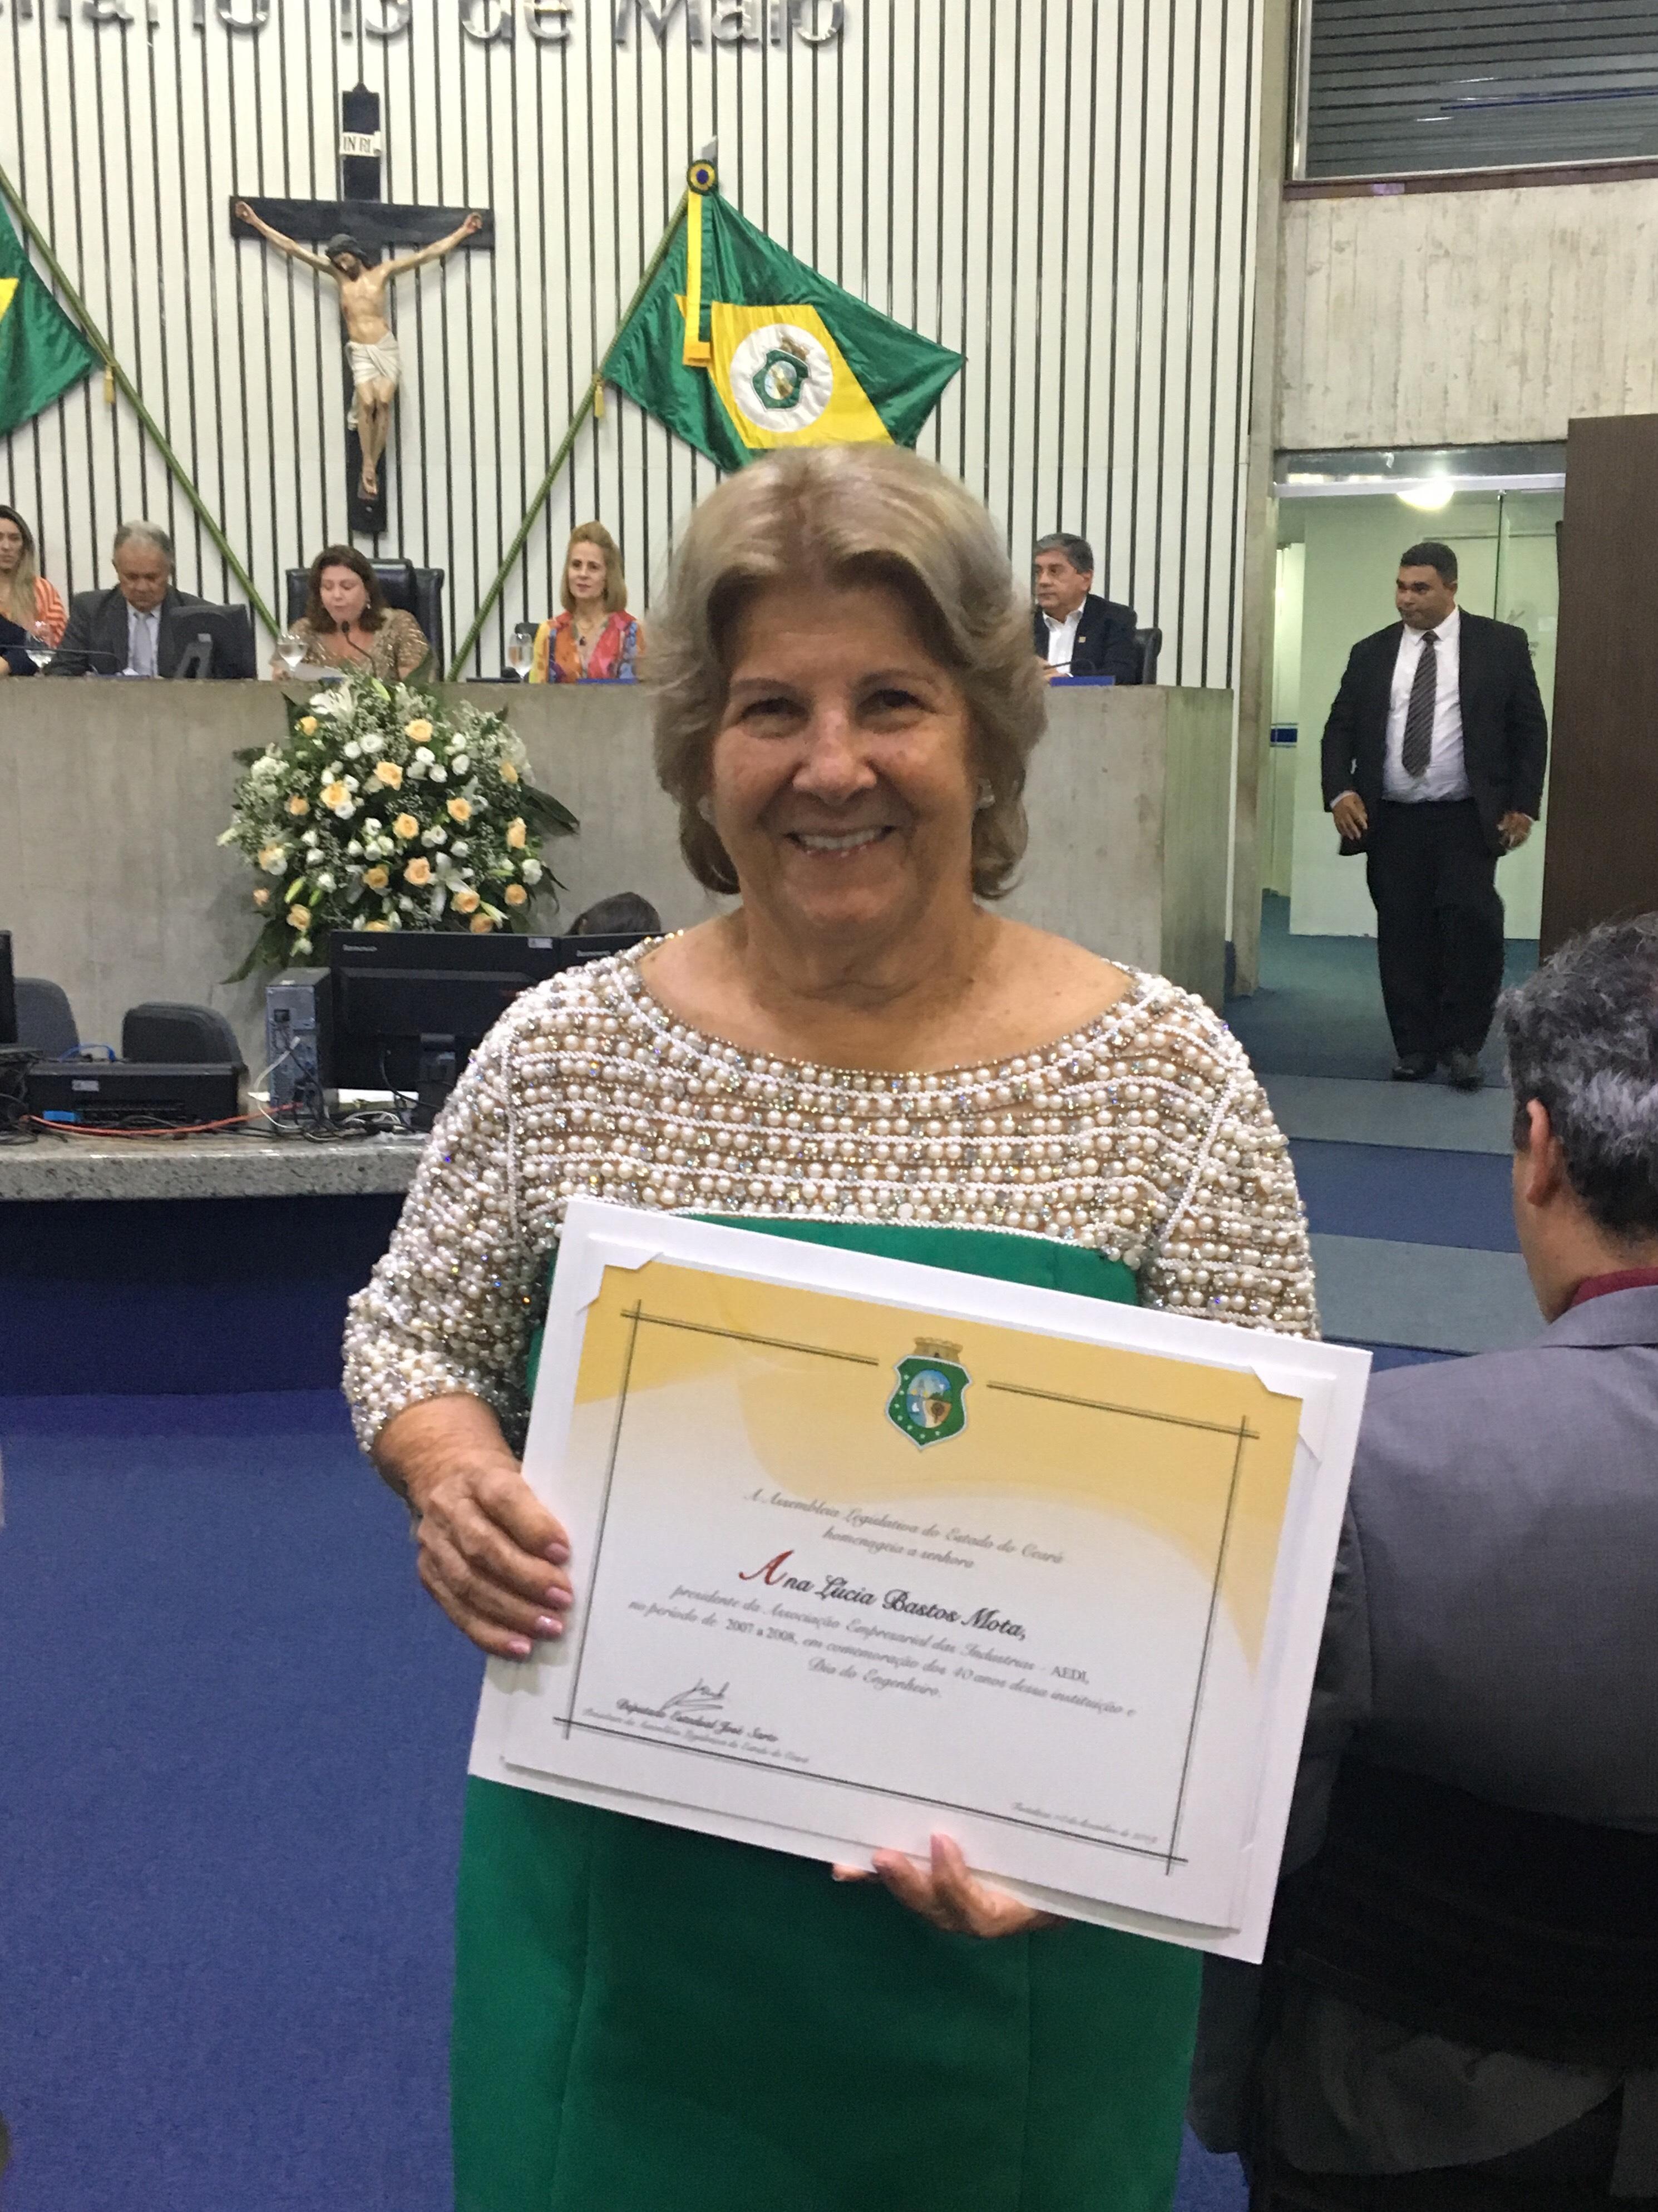 Ana Lúcia Mota é homenageada pelo importante papel na indústria cearense